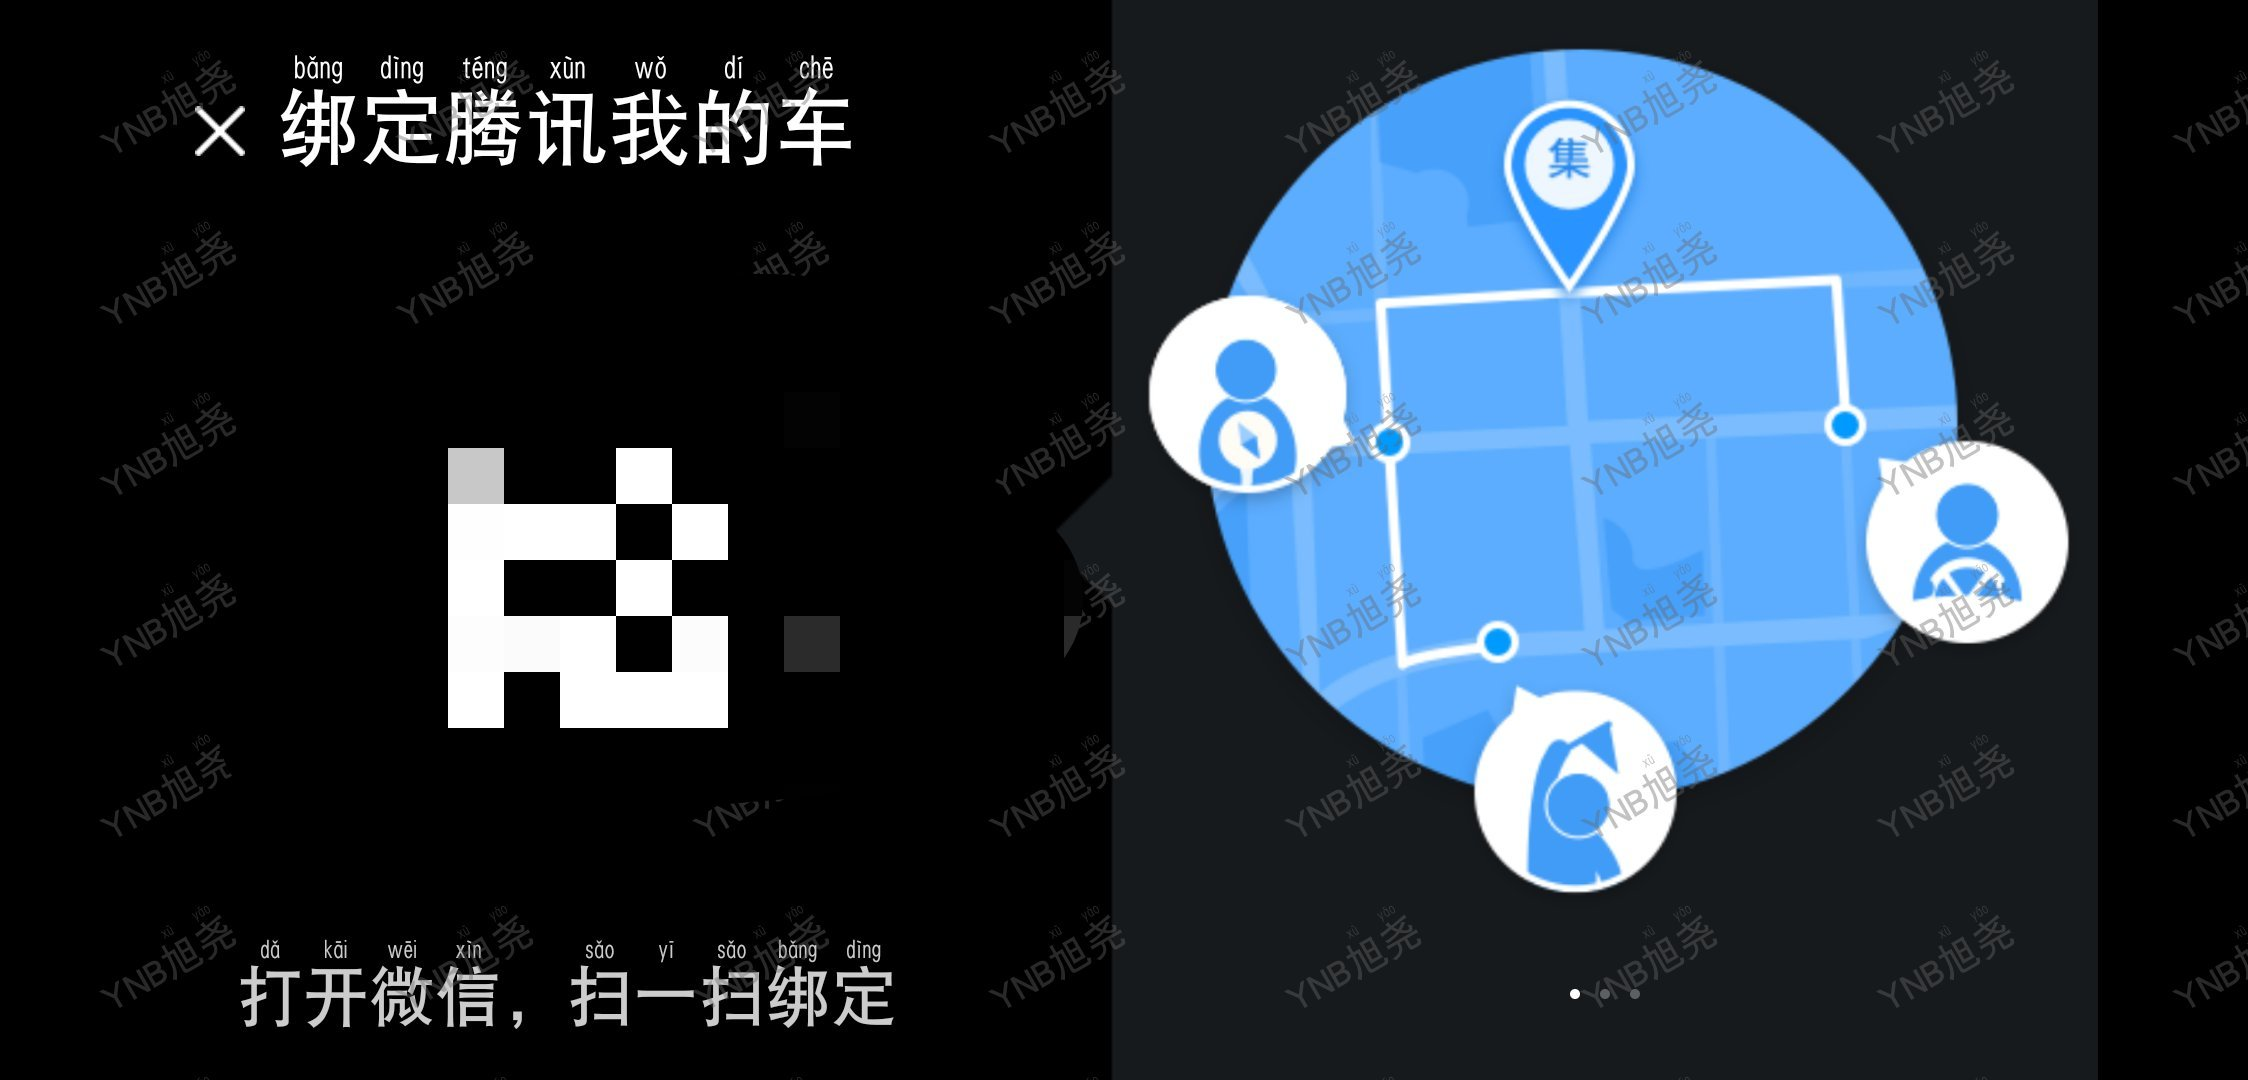 【分享】腾讯地图车机版2.2.1车载手机肯定的都兼容-爱小助